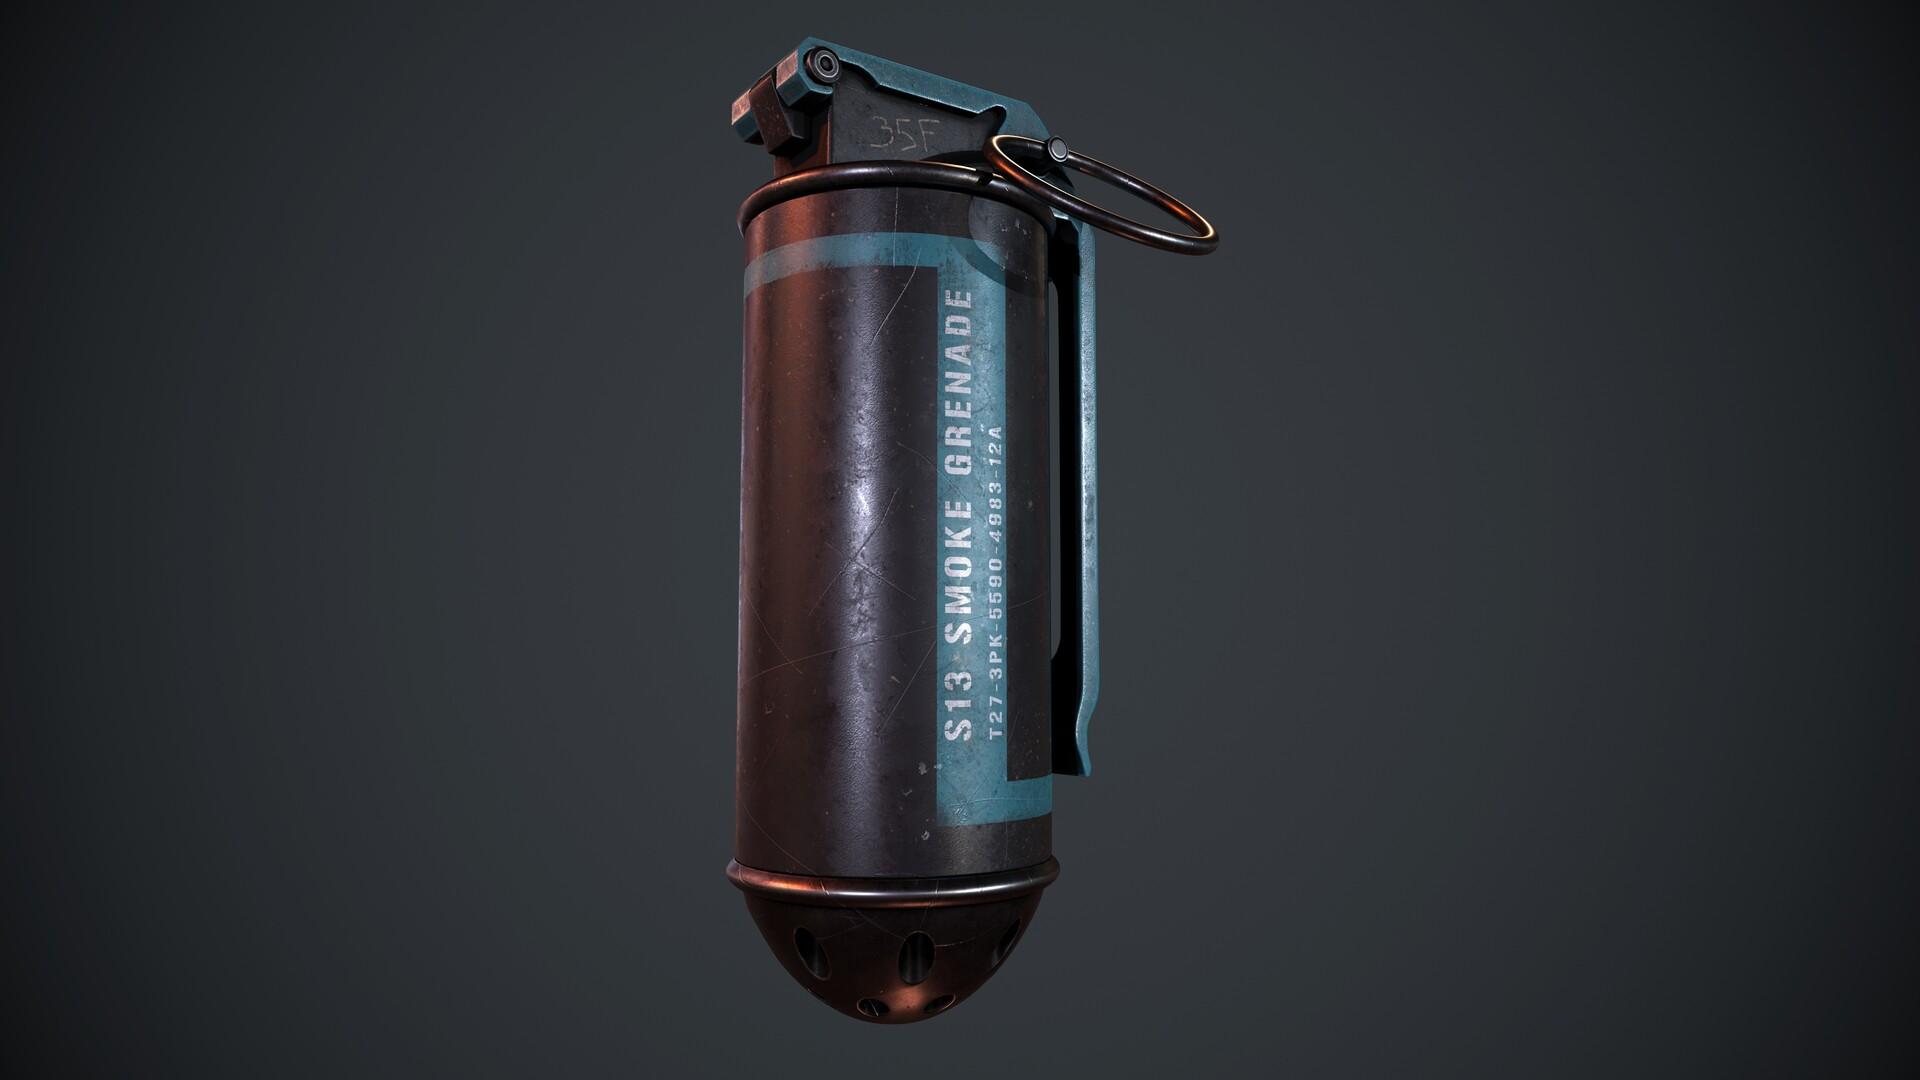 Jimmy le duigou grenade 03